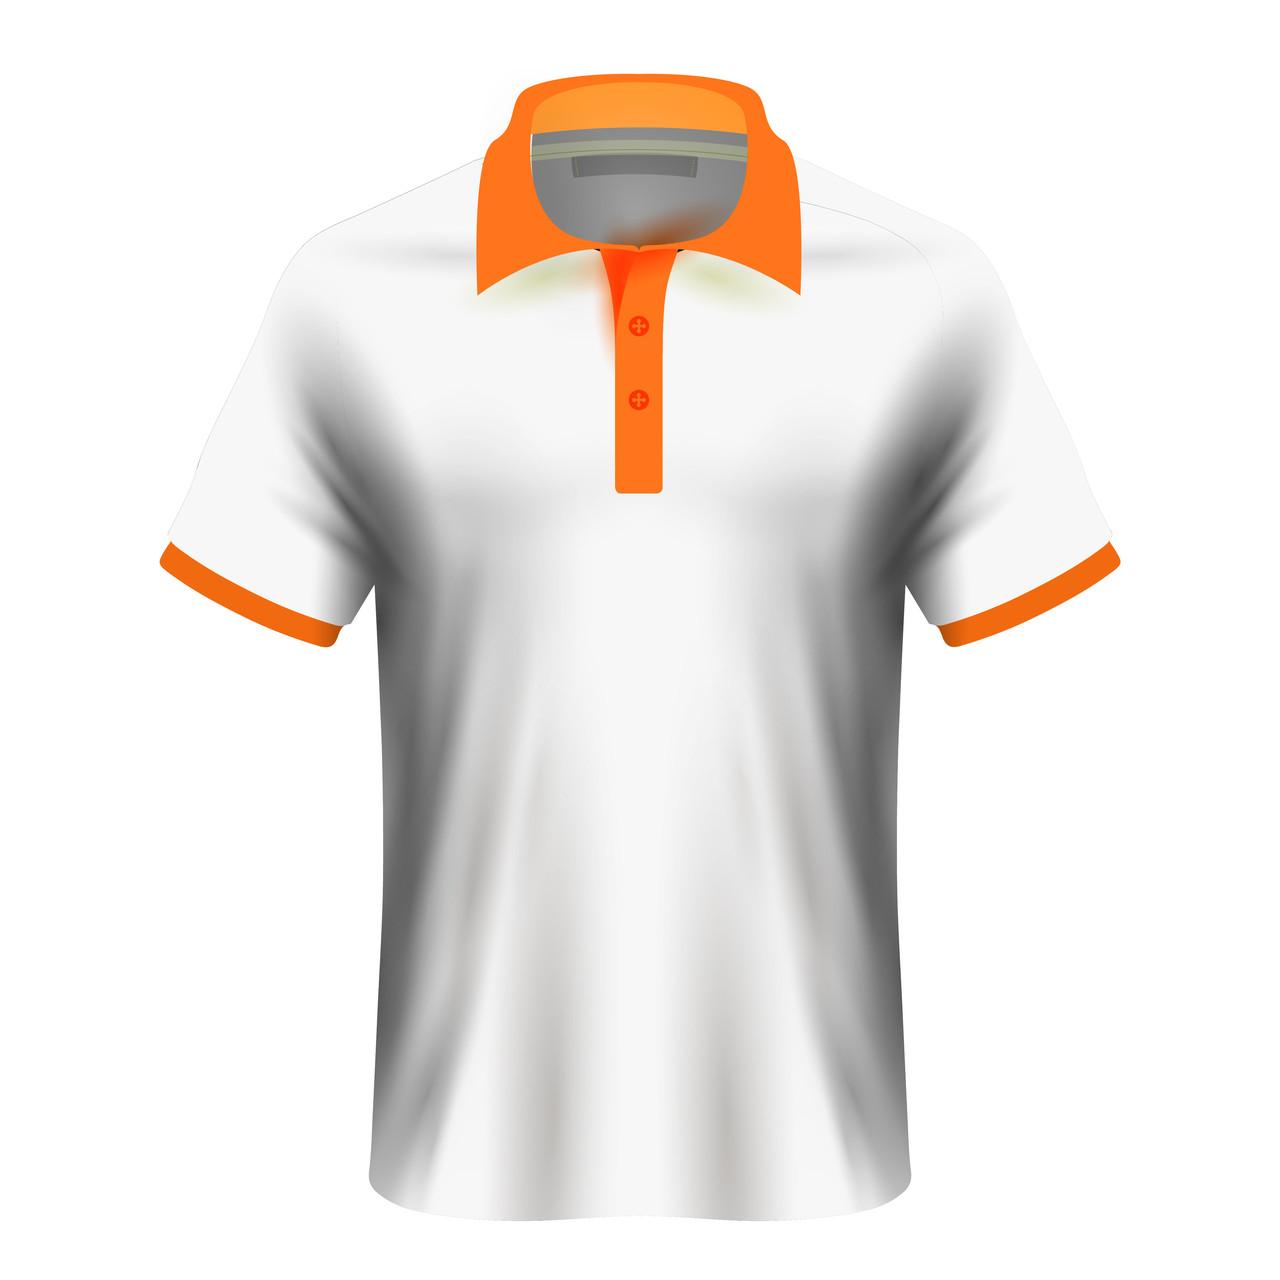 Чоловіча футболка поло для сублімації, білий/помаранчевий